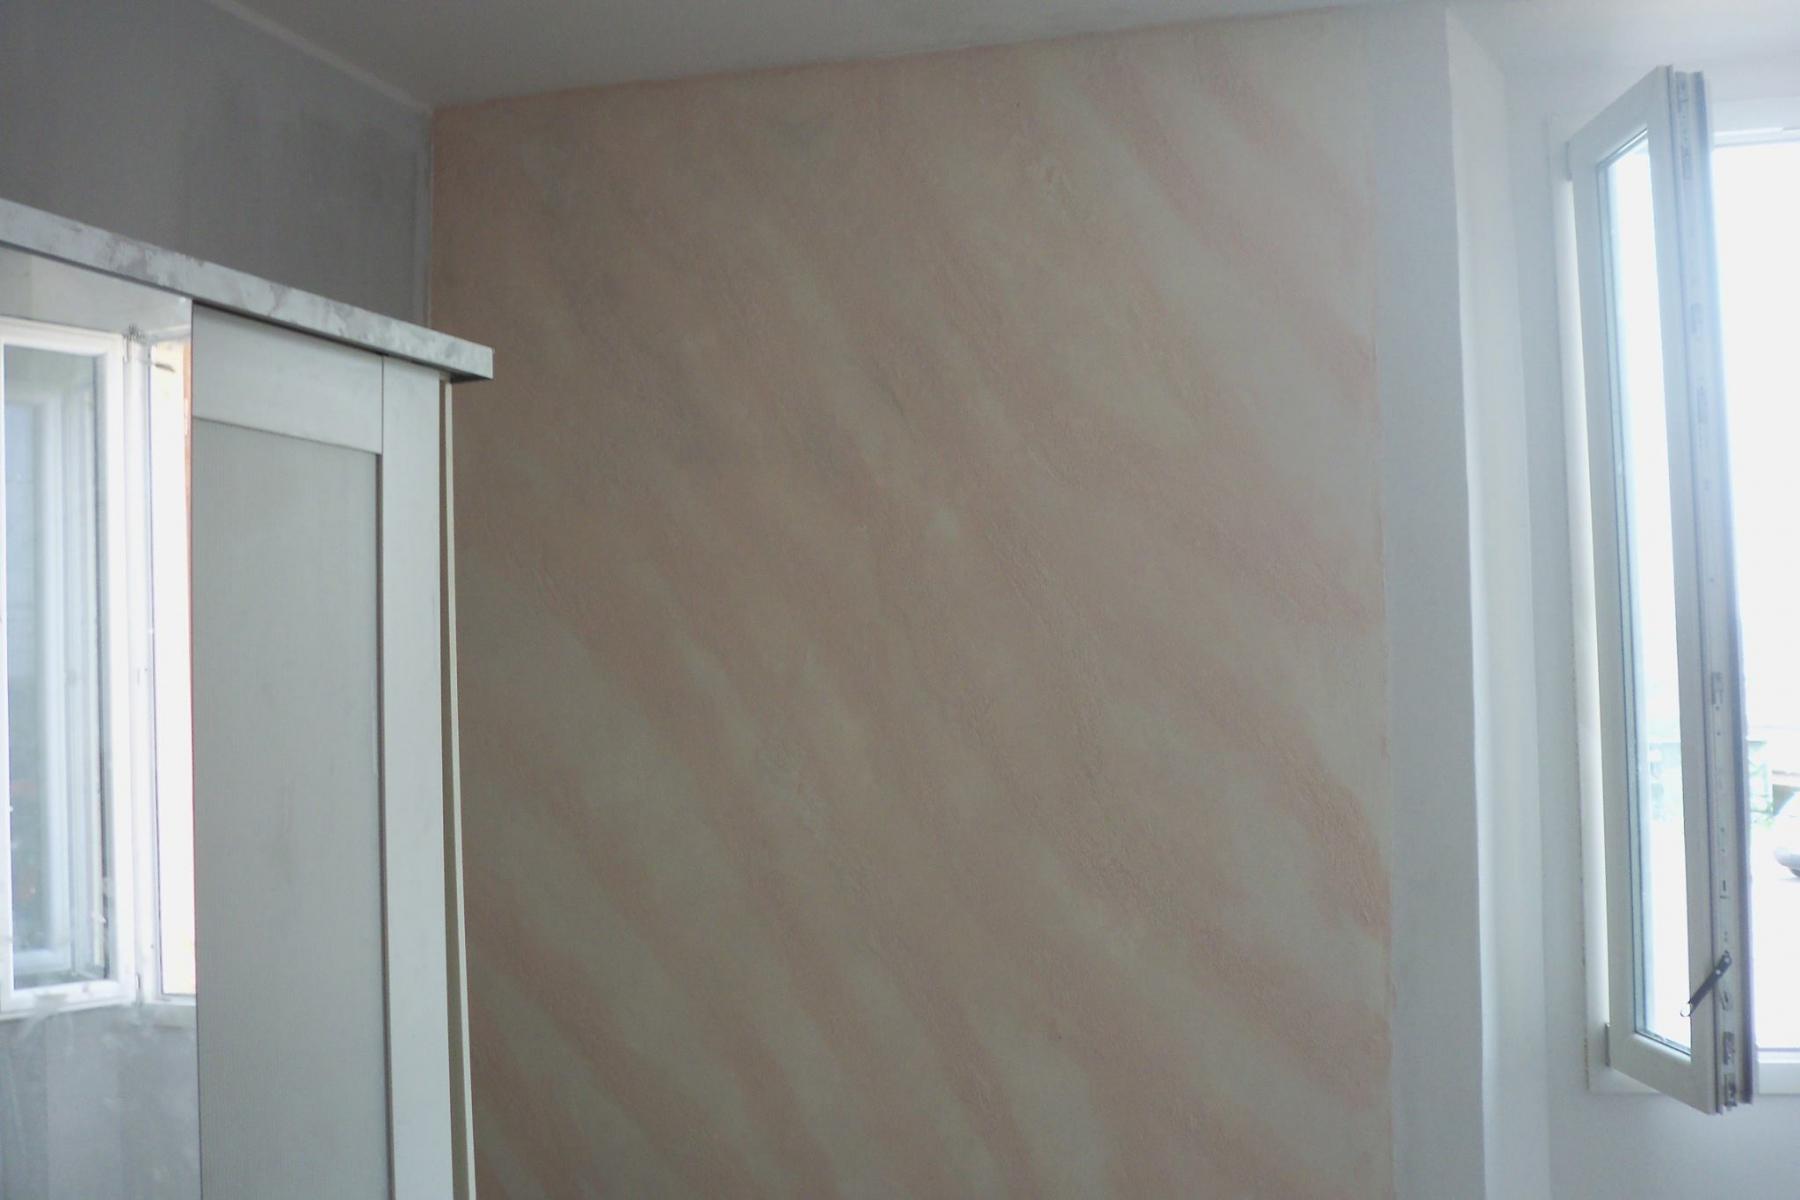 parete-decorata-con-stucco-a-calce-effetto-pietra-spaccata-2